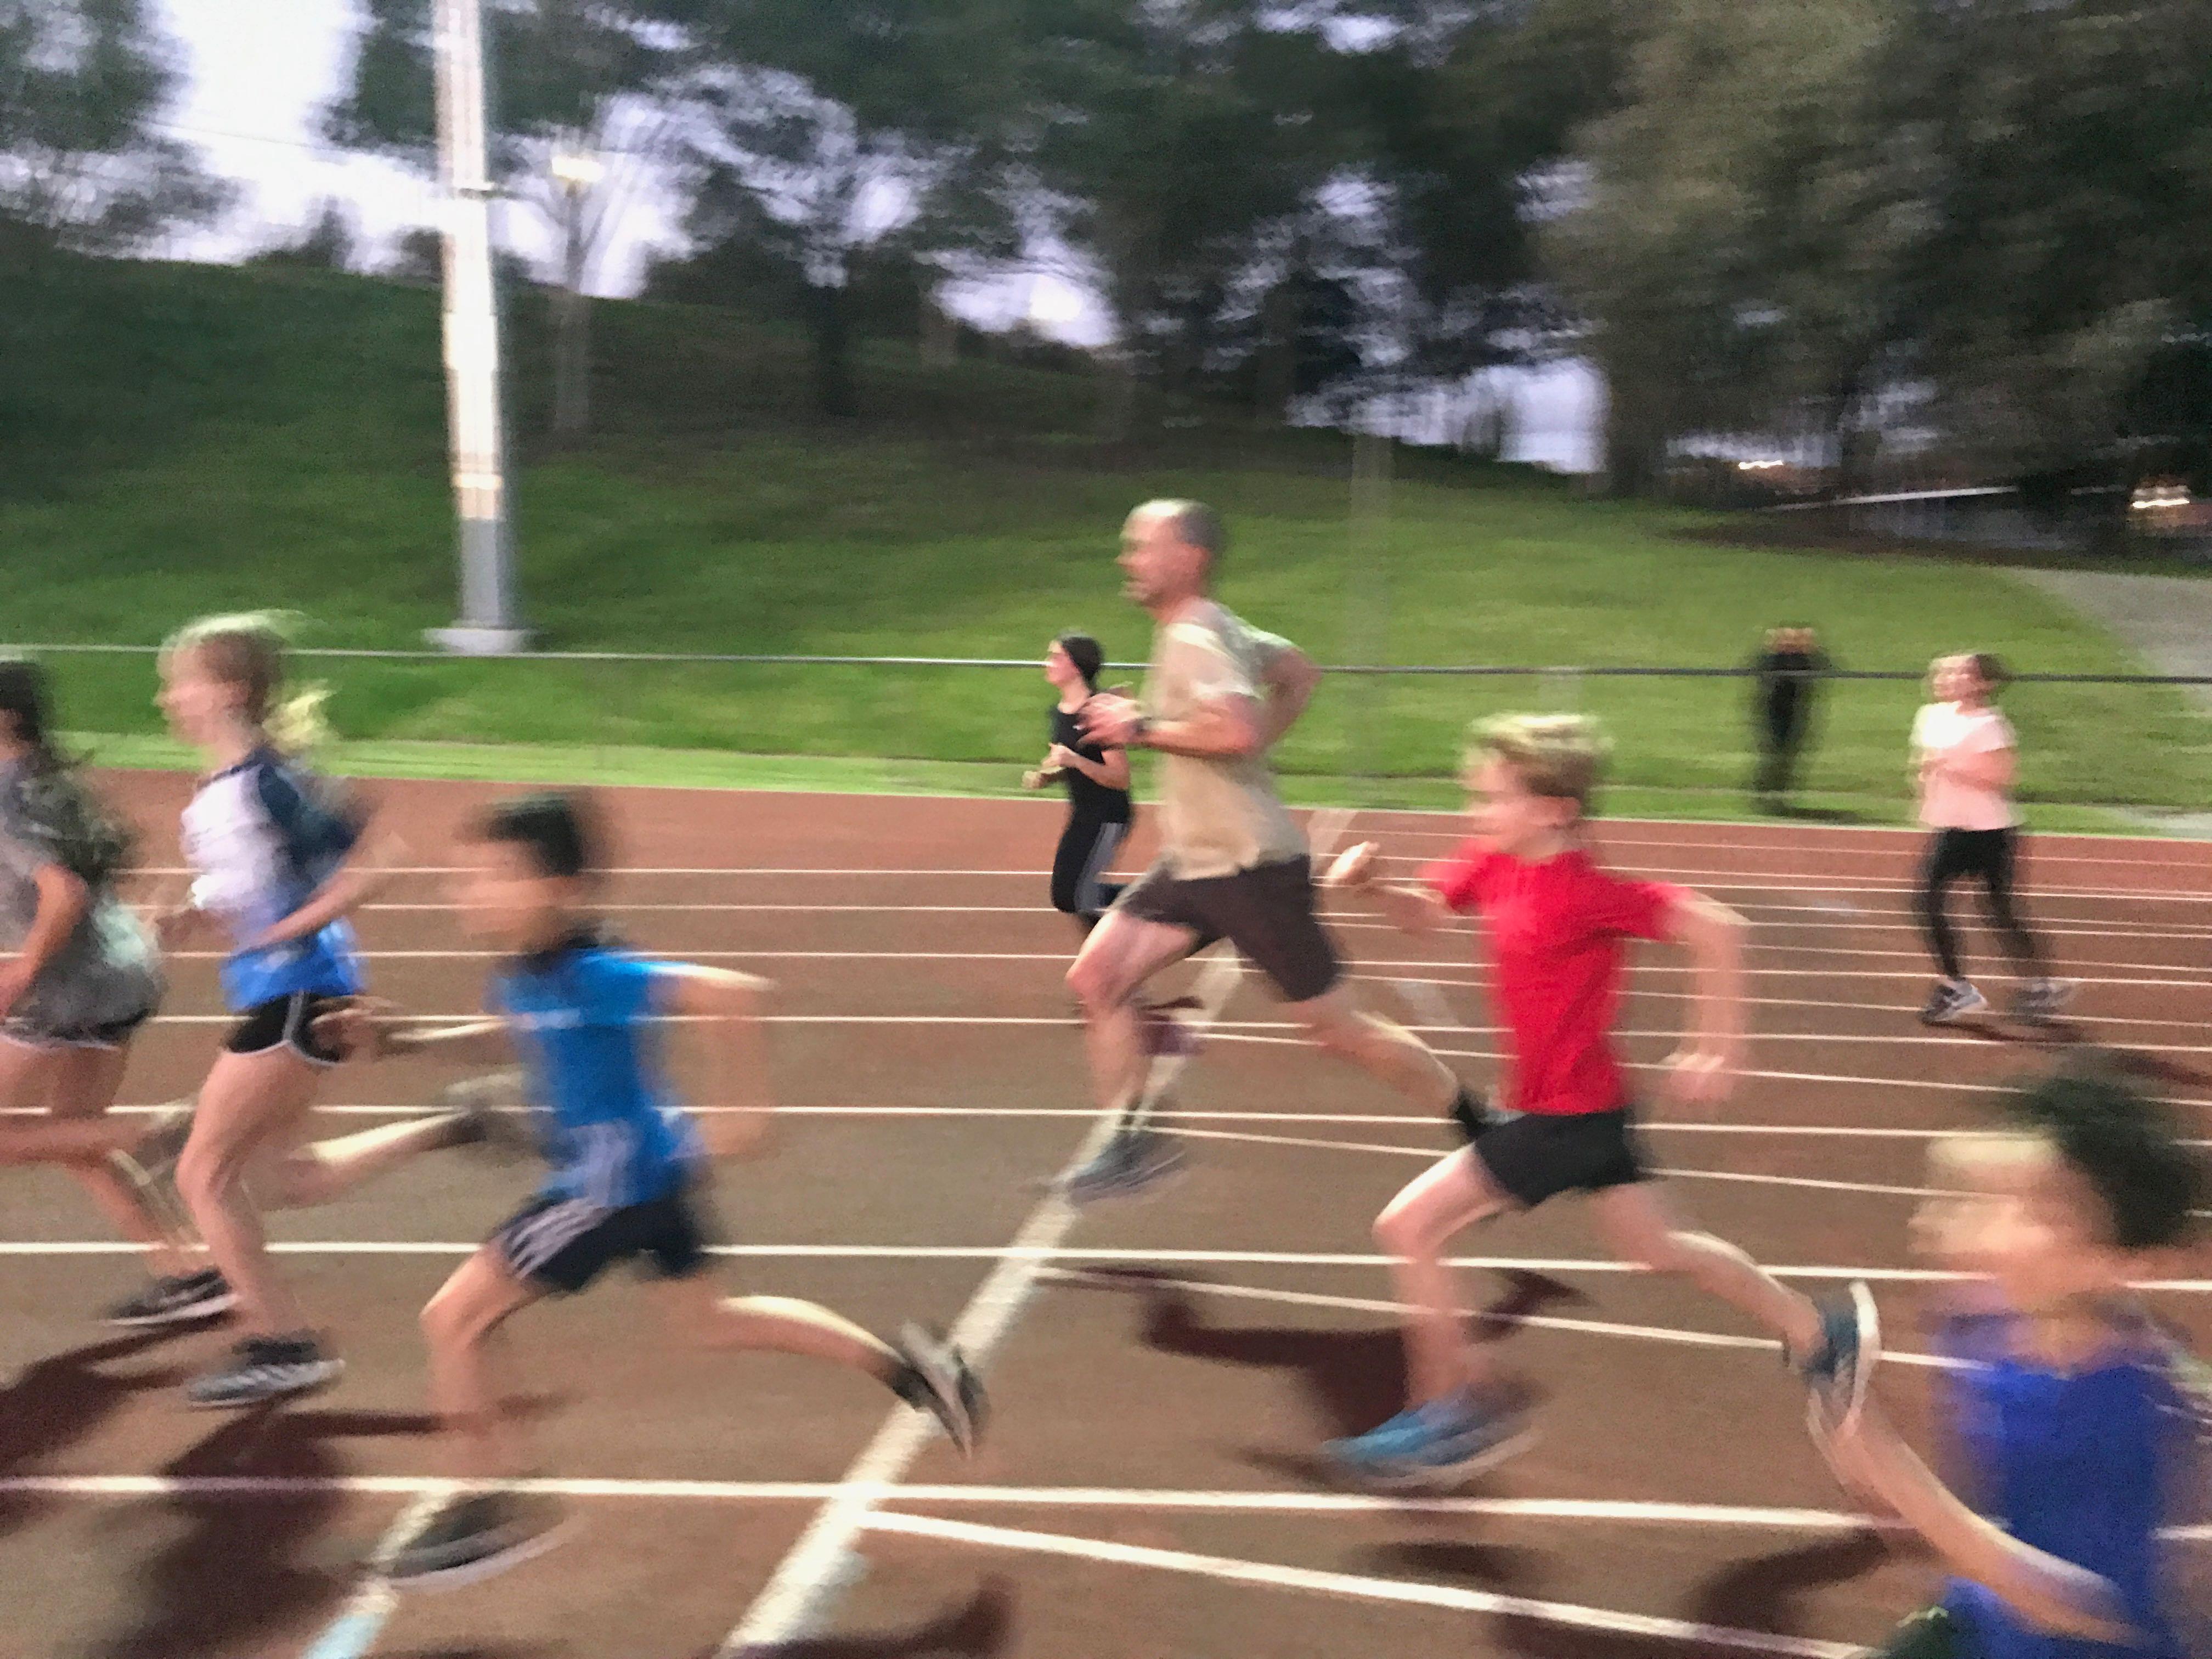 Professional Athletes Training